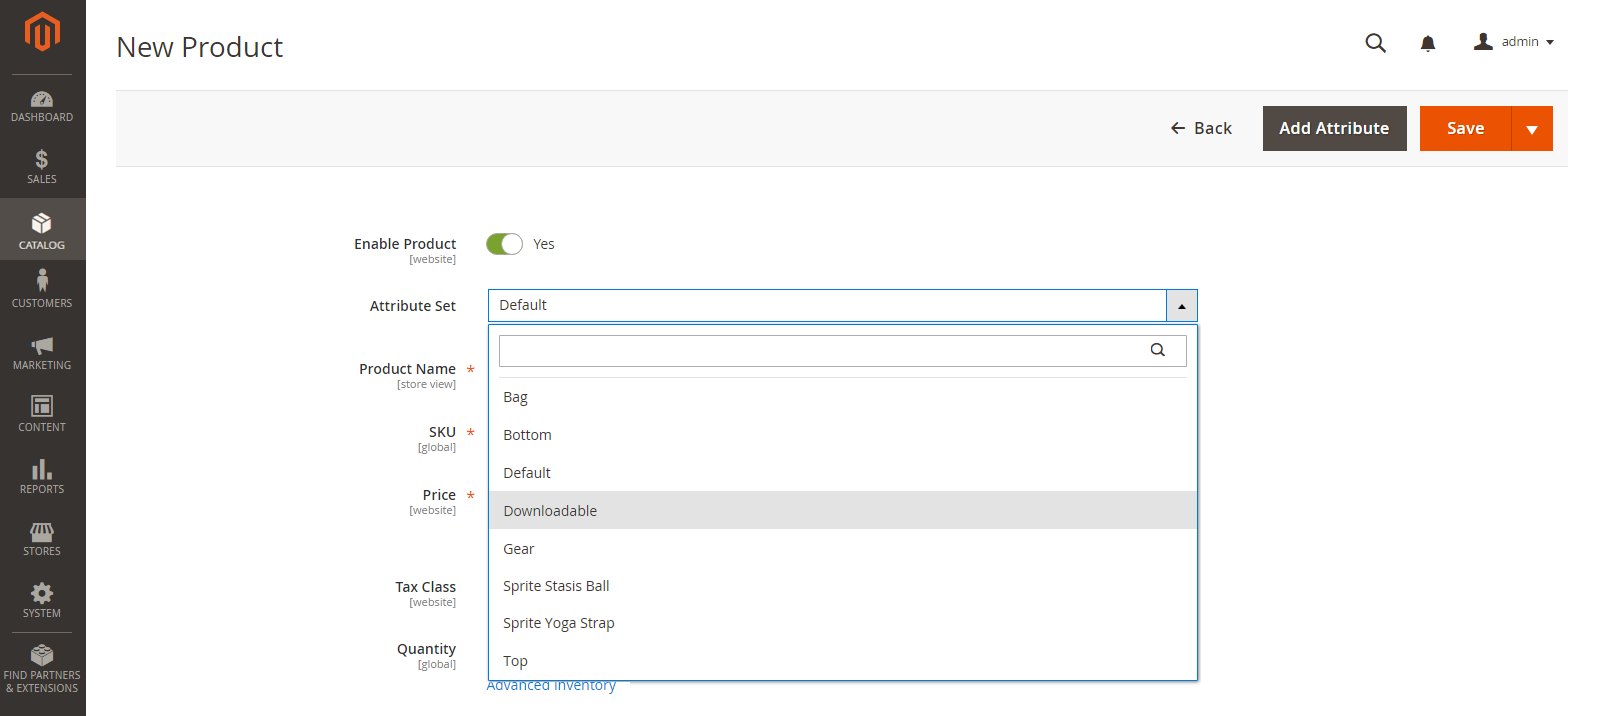 إضافة المنتج القابل للتنزيل Downloadable Product فى ماجنتو 2